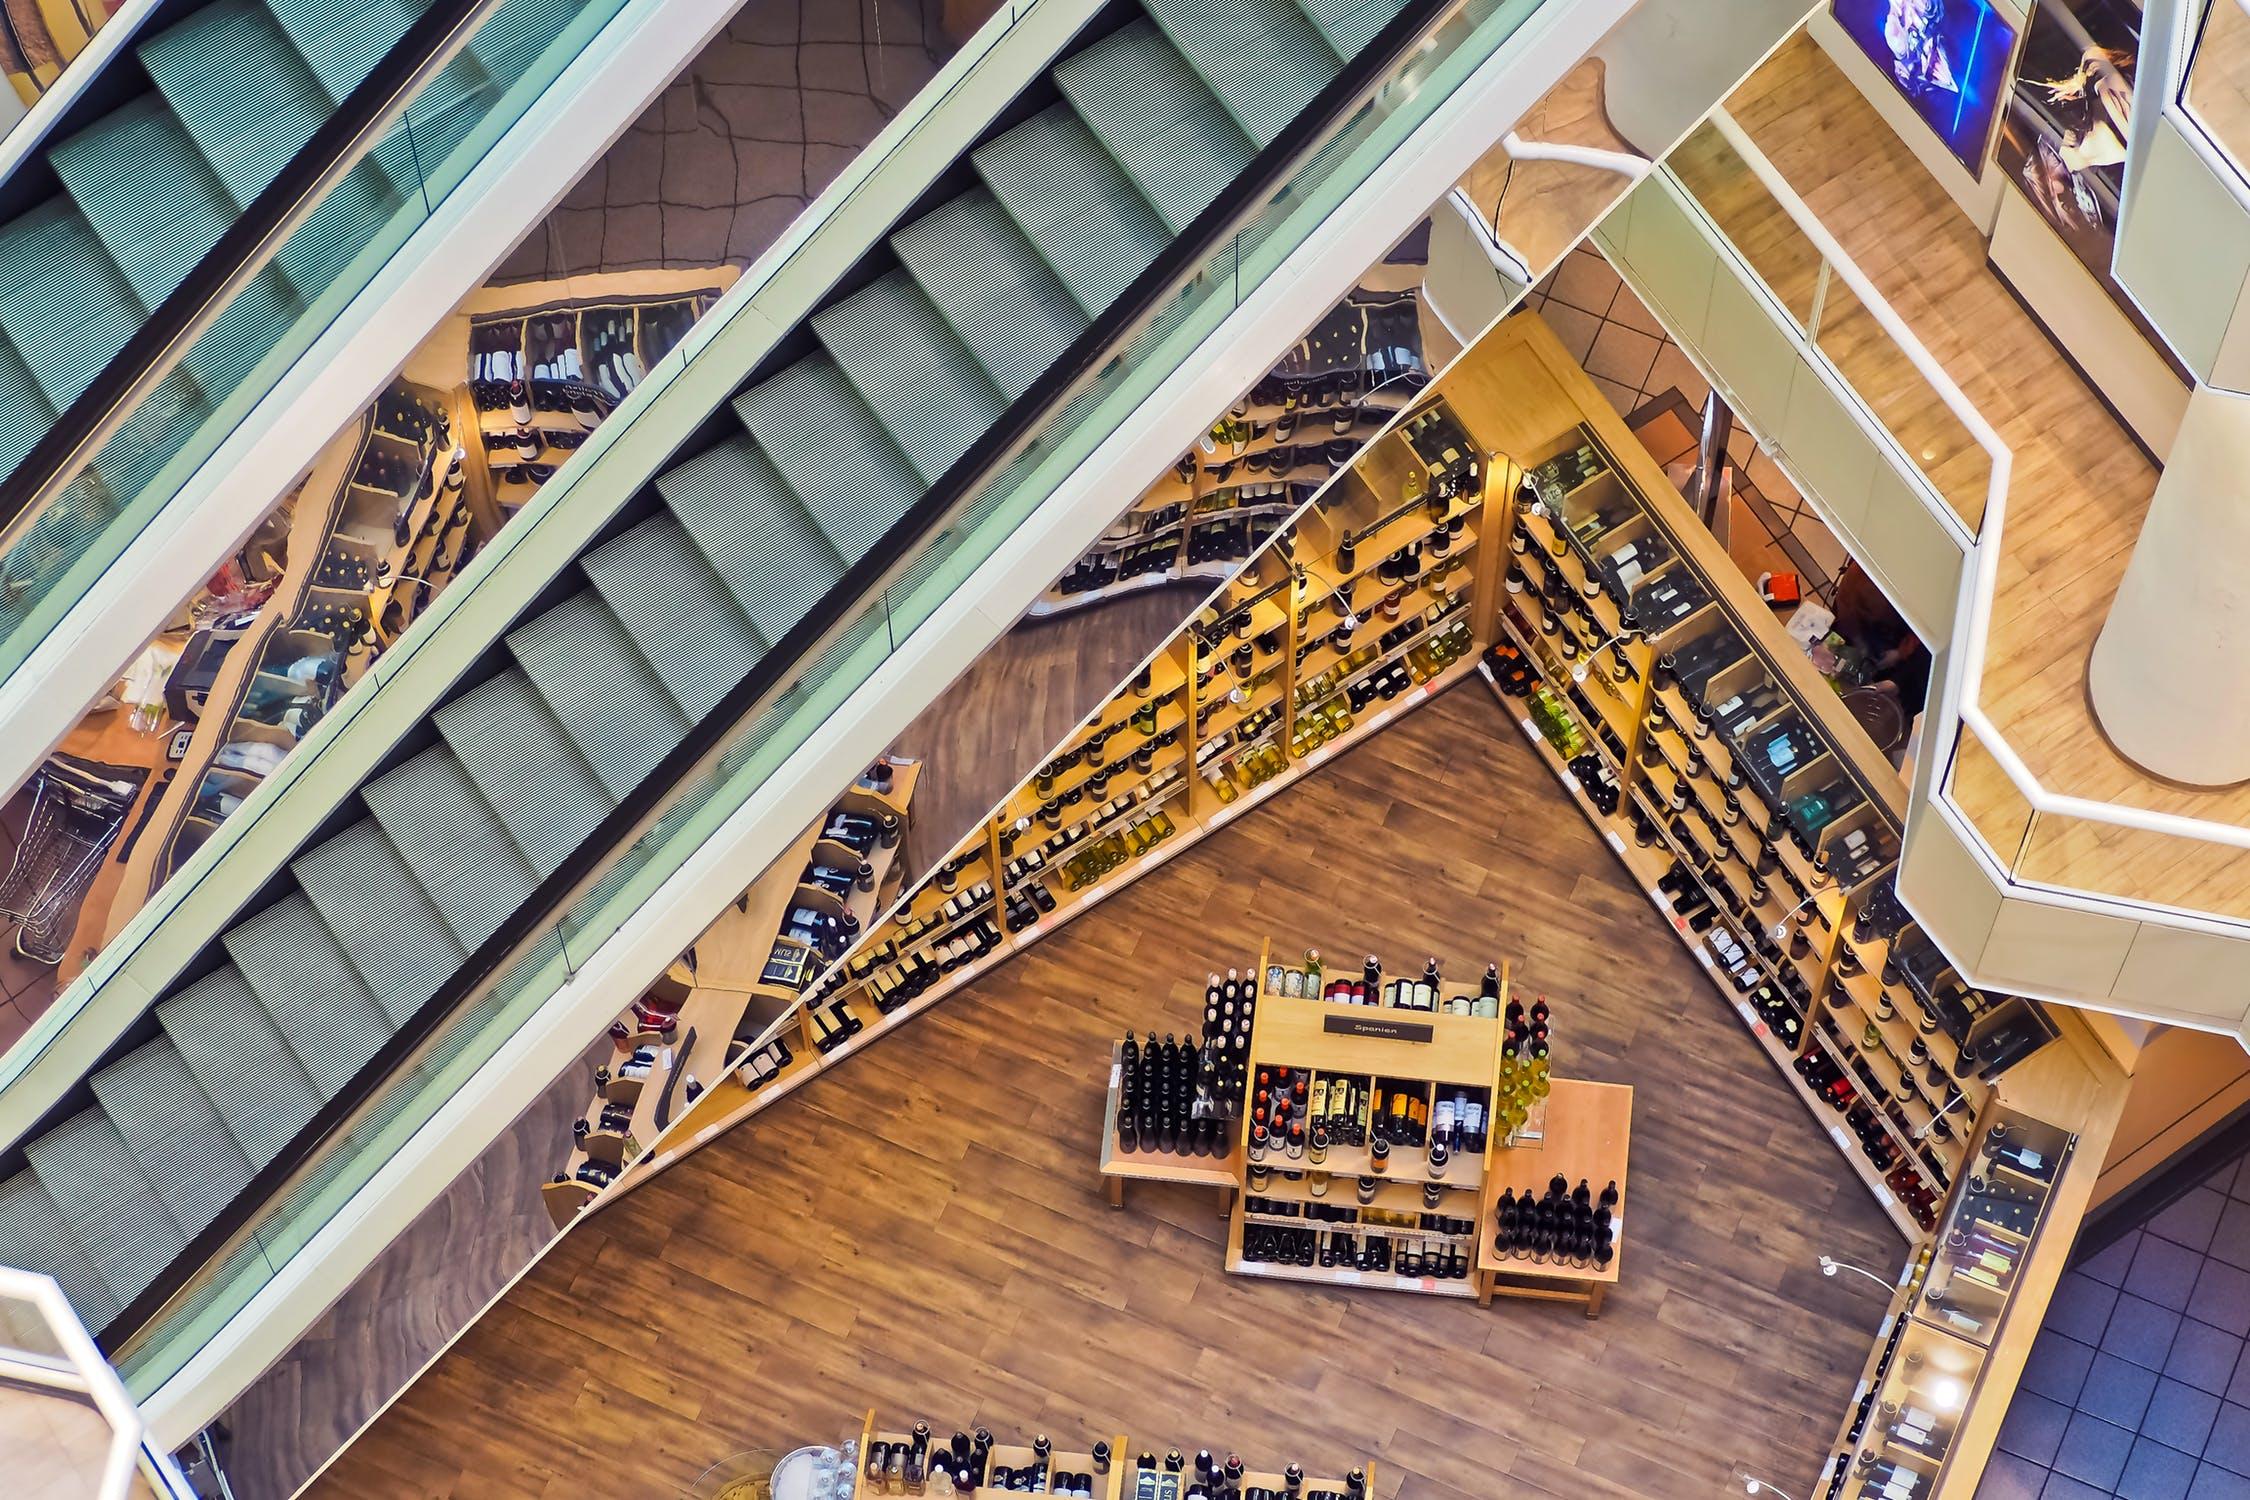 美国最新零售地产报告:业绩衰退的商场谁来接盘?未来价格将一路走低